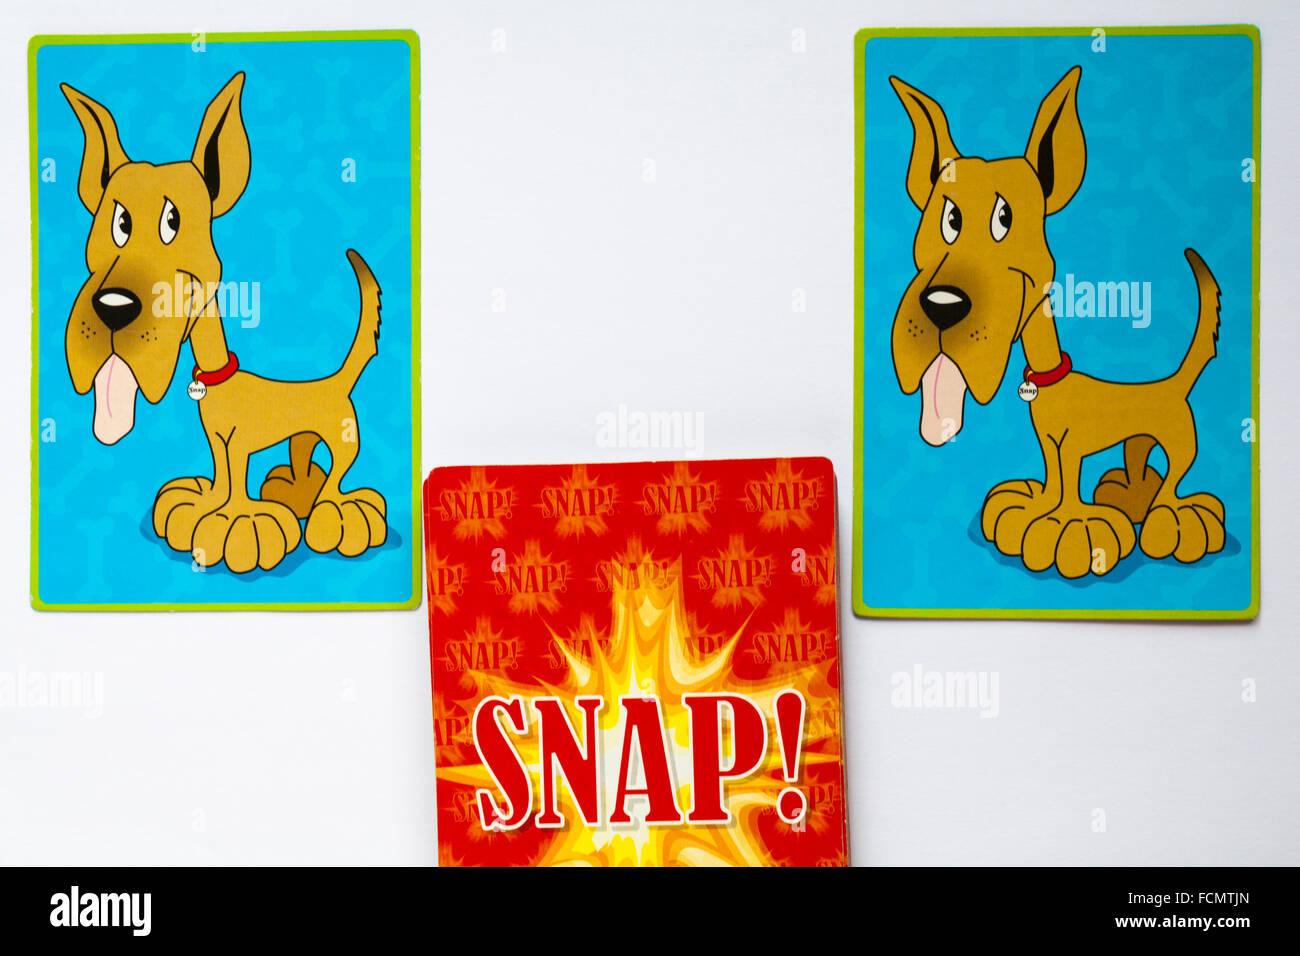 Giocare carte a scatto con abbinamento di cani con linguetta appendere fuori impostato su sfondo bianco Immagini Stock